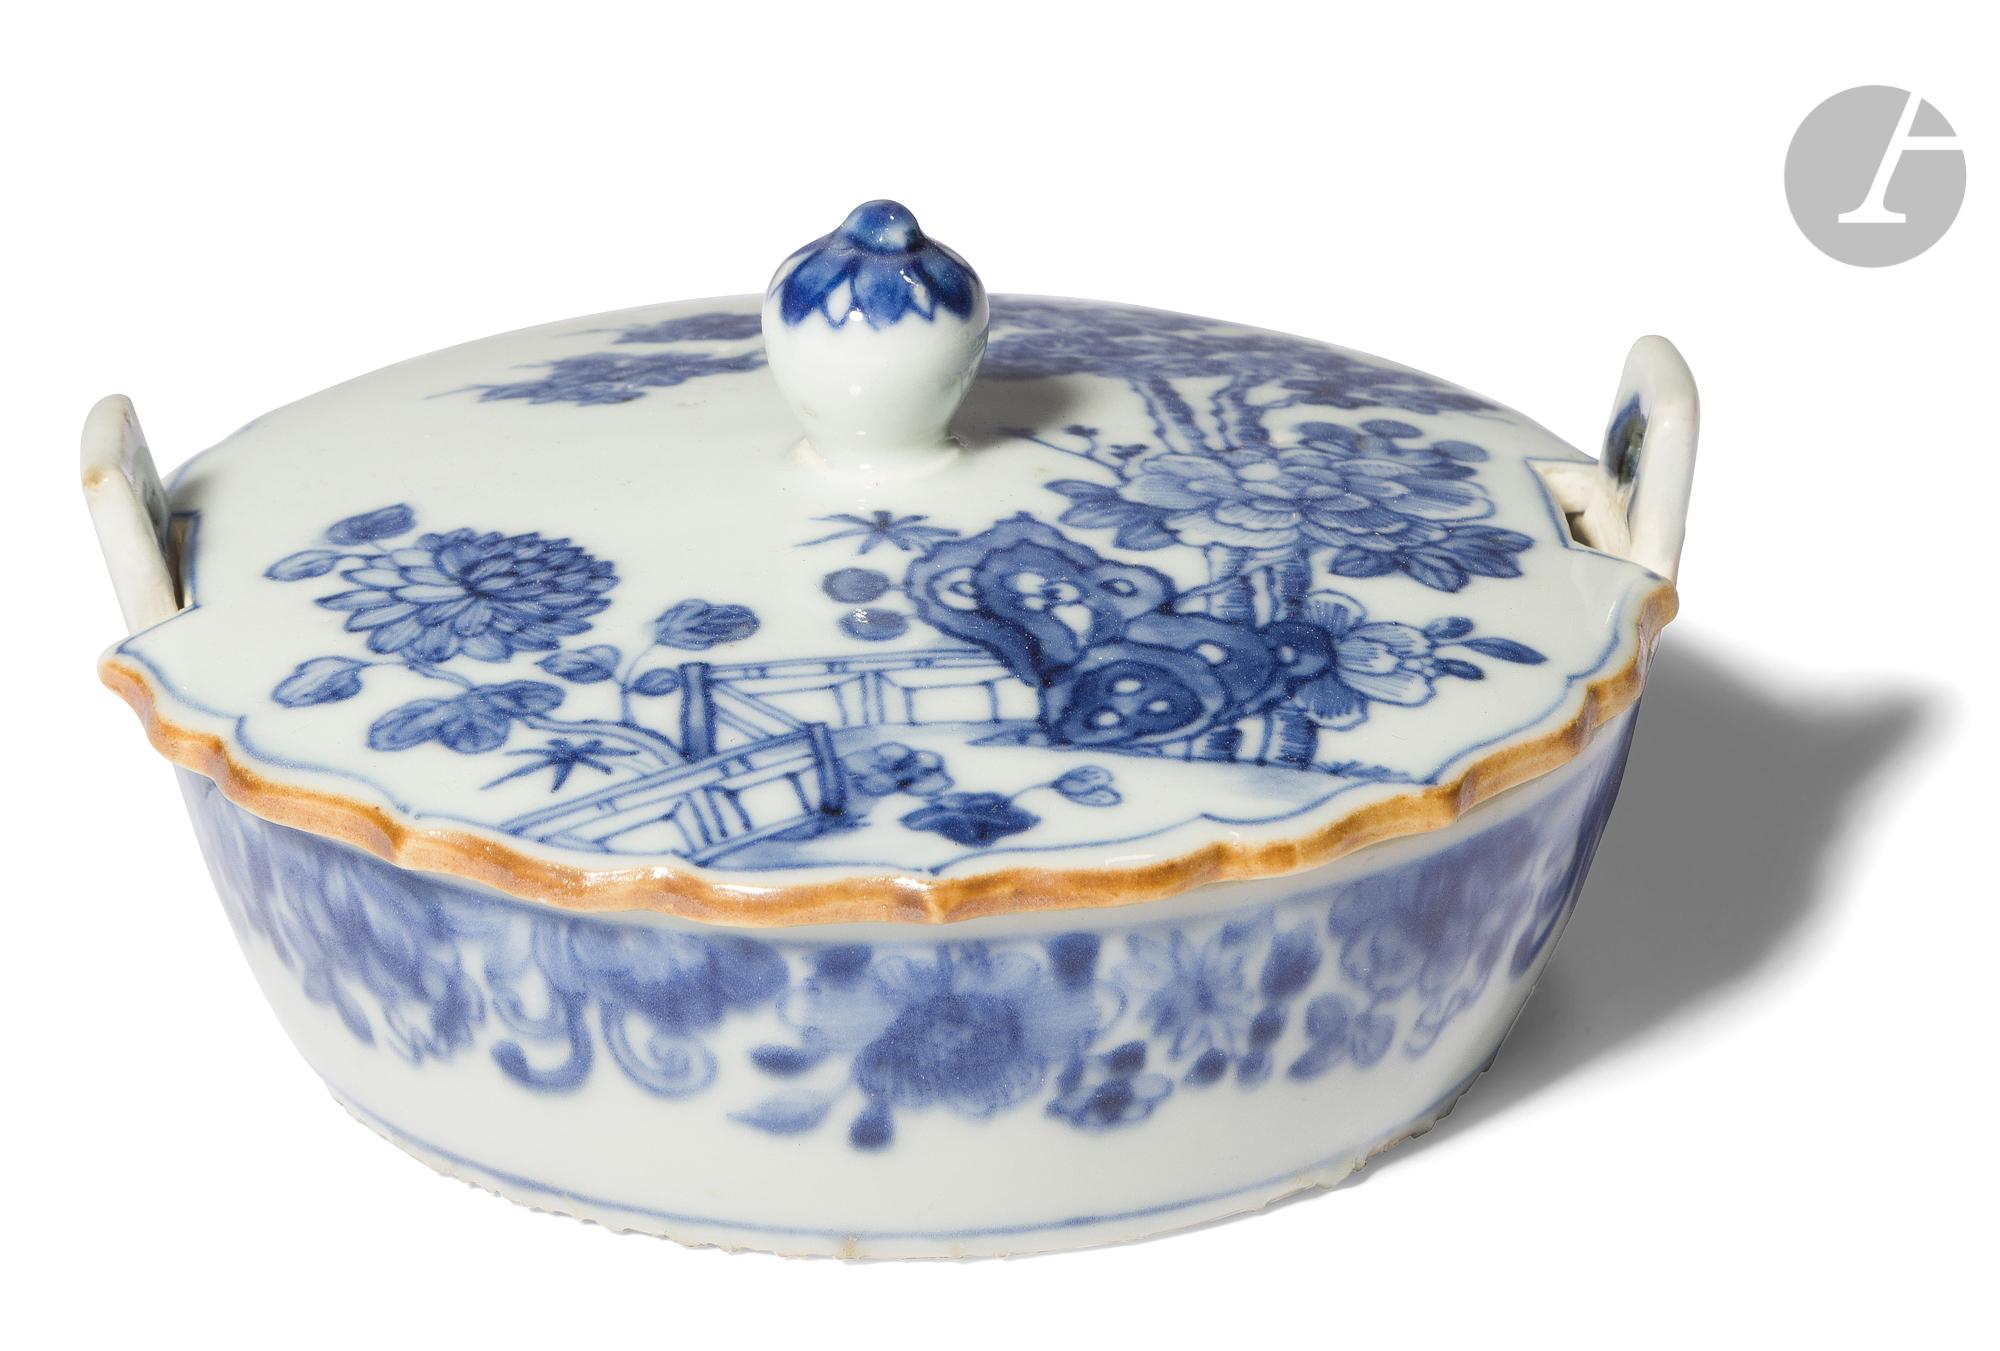 CHINE - XVIIIe siècle Petite coupelle ronde couverte à deux anses en bordure en porcelaine